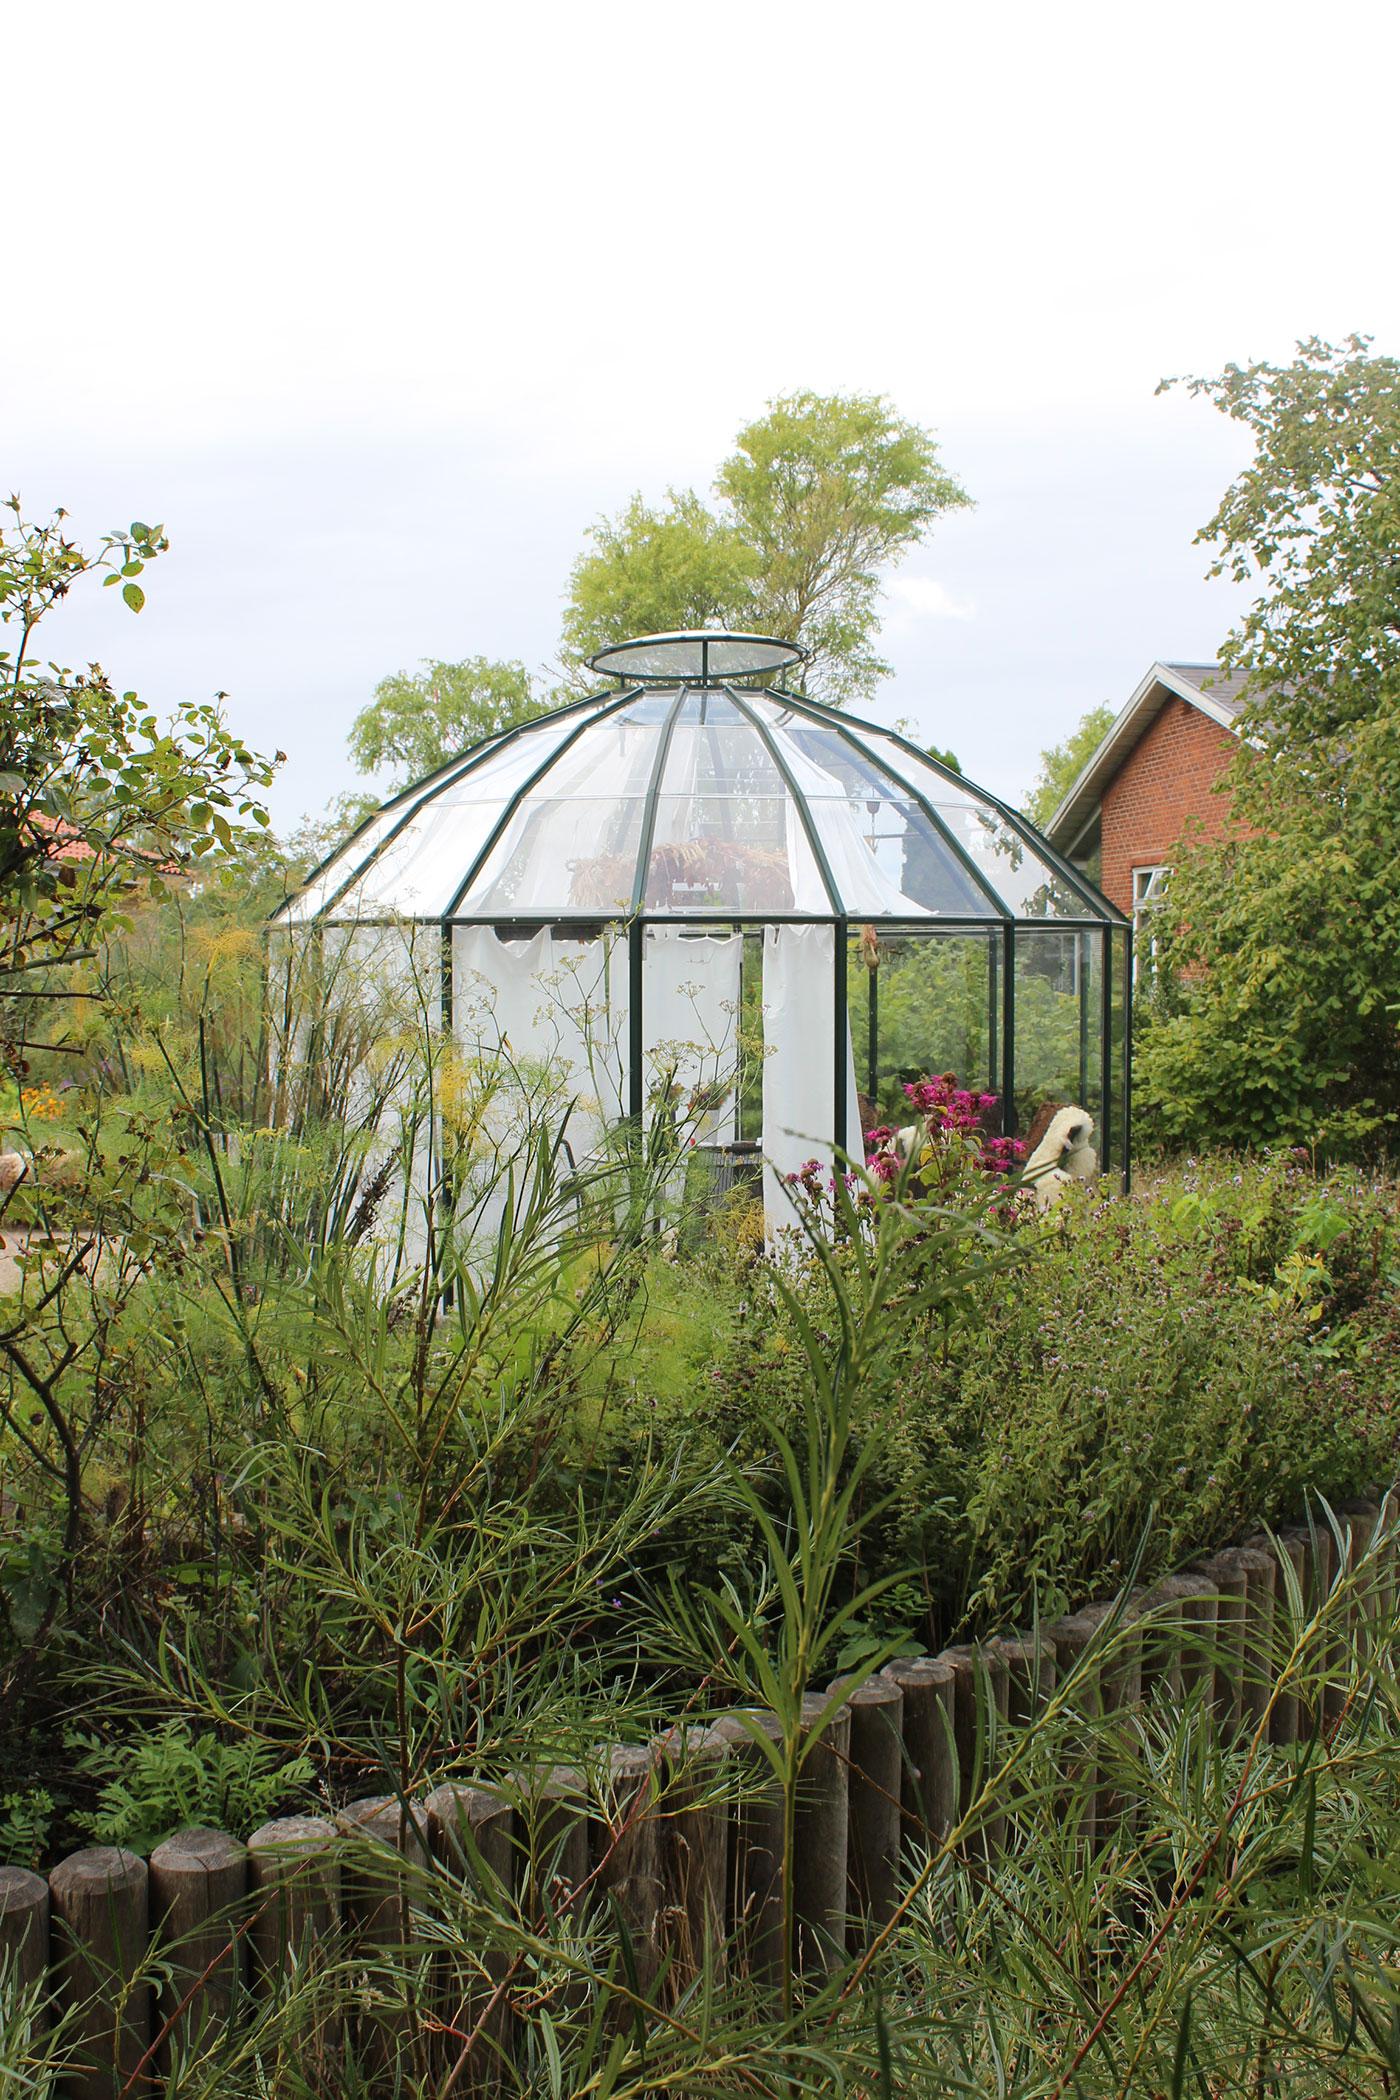 Pavillion i tæt-bevokset have. Der hænger hvide gardiner inde i pavillionen.